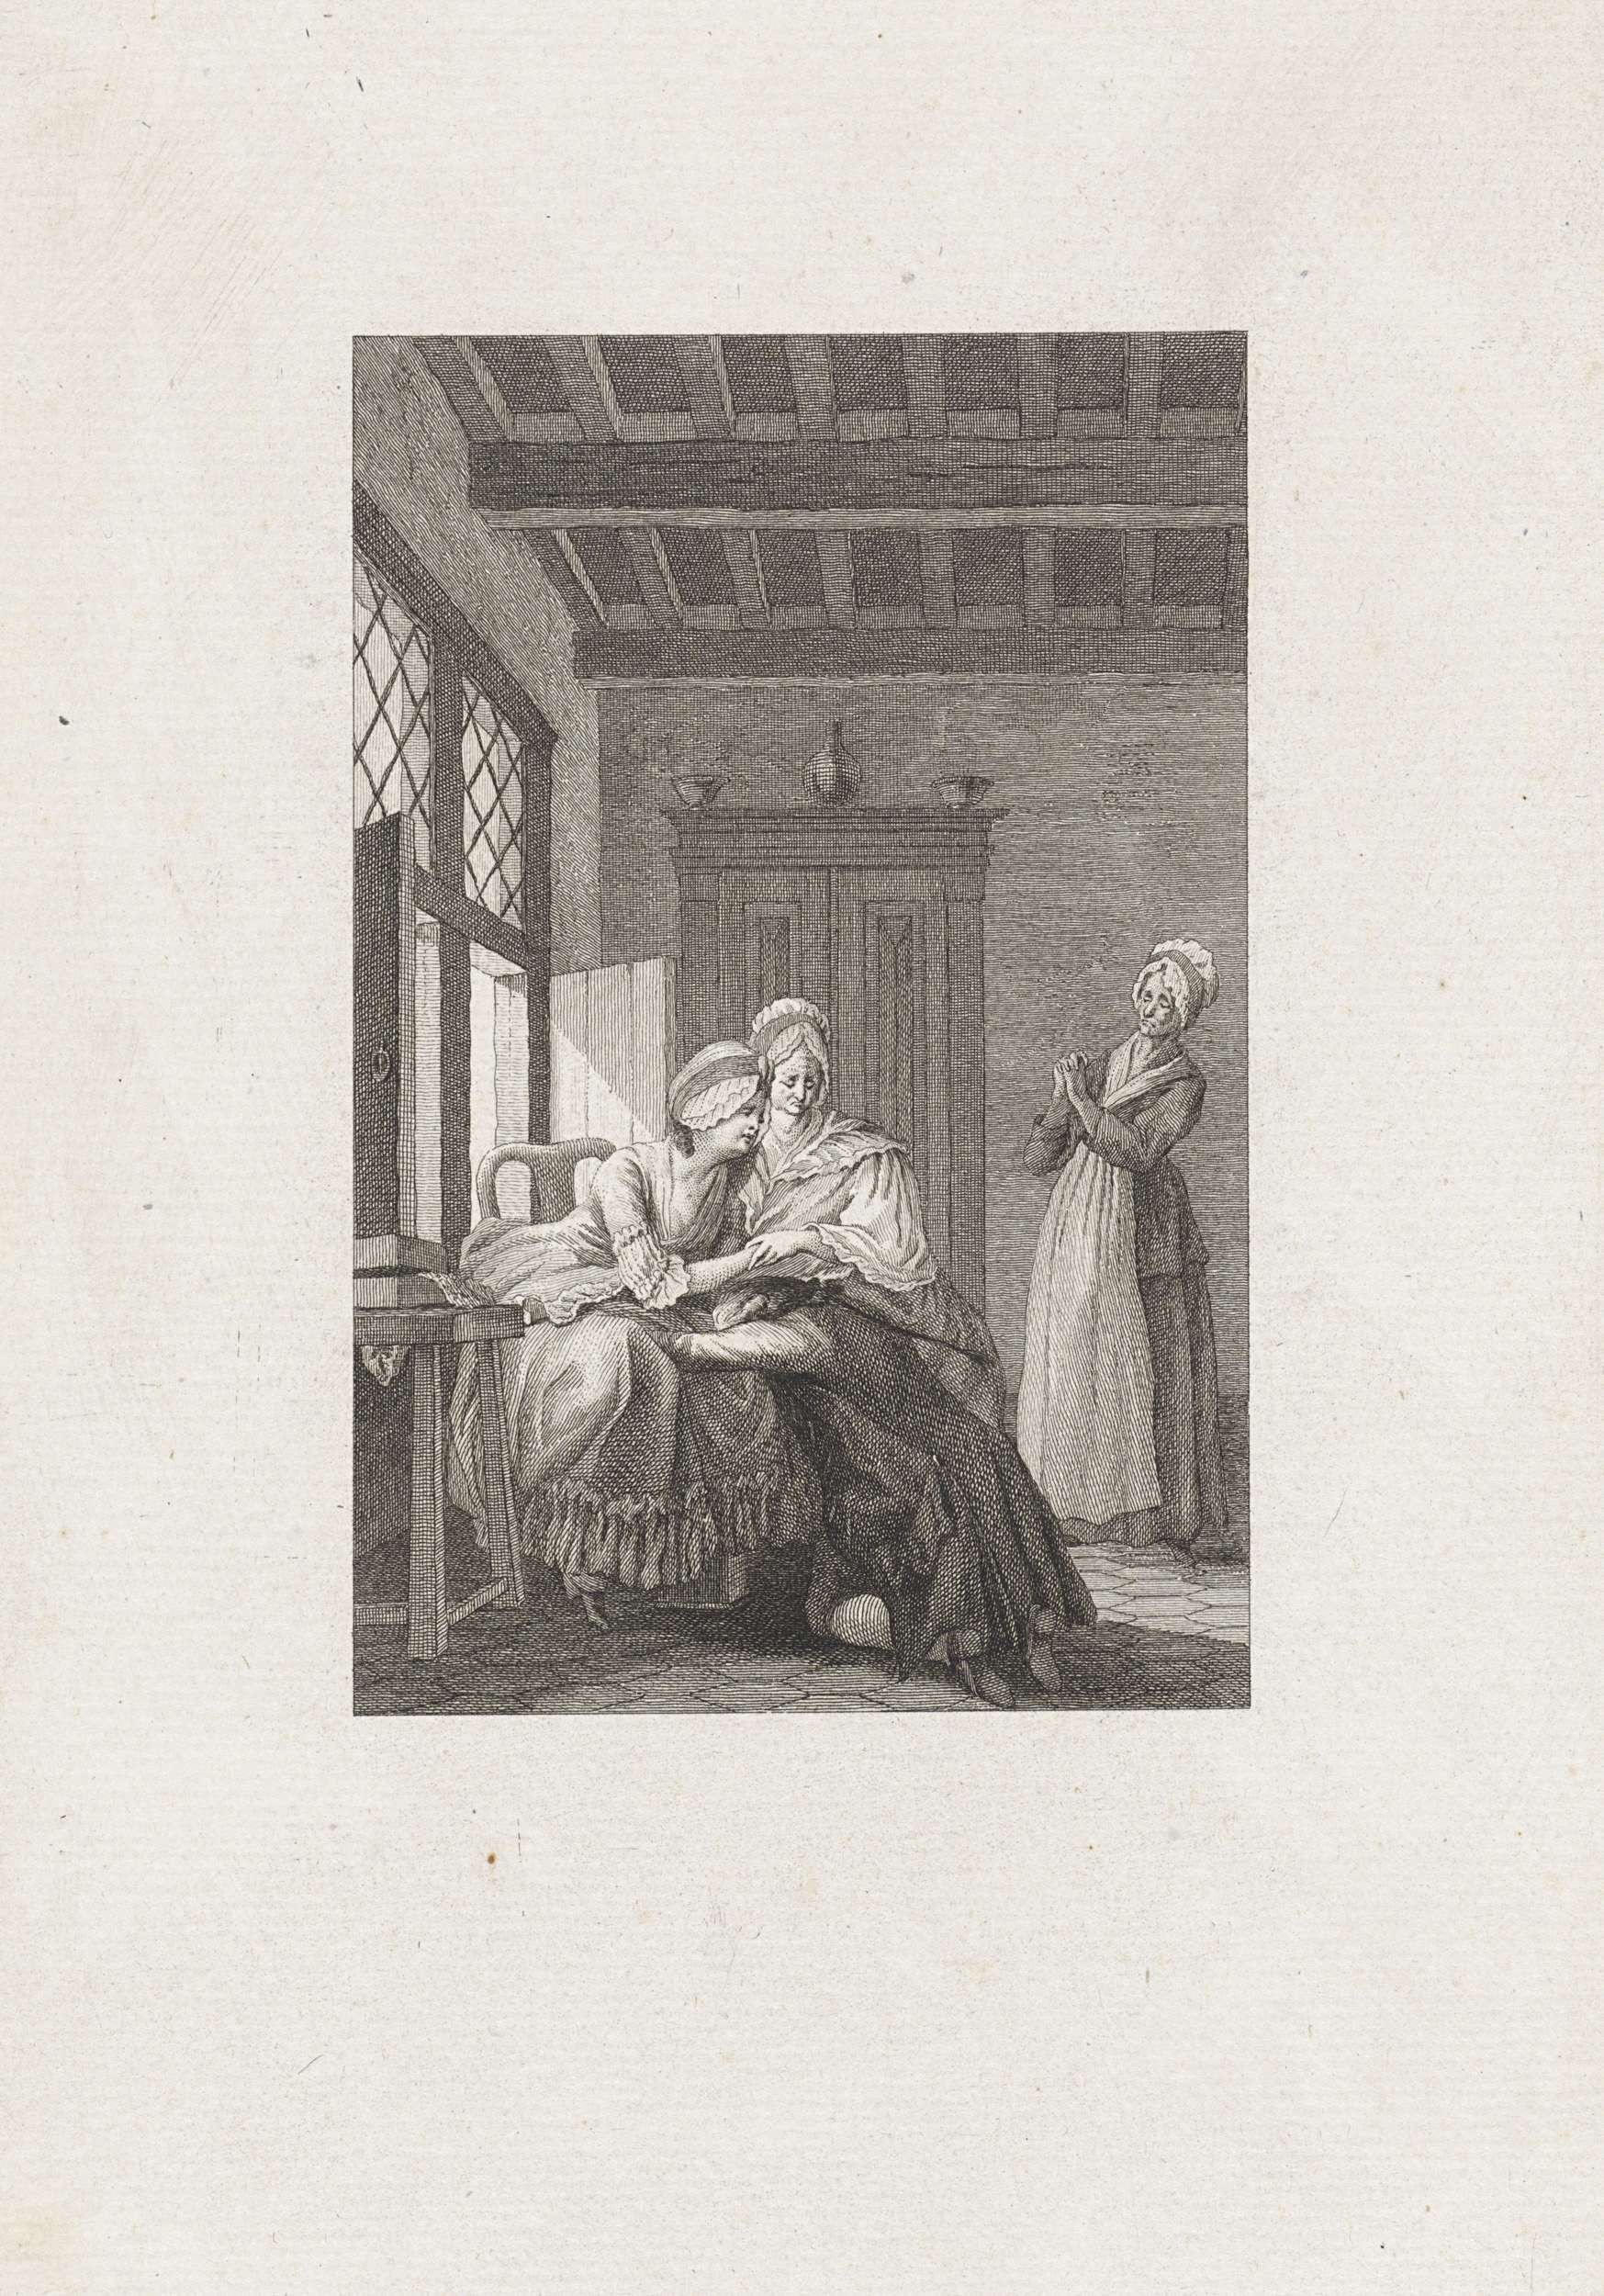 Reinier Vinkeles | Man huilt uit bij twee vrouwen, Reinier Vinkeles, 1779 | In een vertrek verbergt een man zijn gezicht in de schoot van een vrouw die, net als de vrouw naast haar, verdrietig kijkt. Illustratie bij het verhaal 'Sidney en Volsan'.